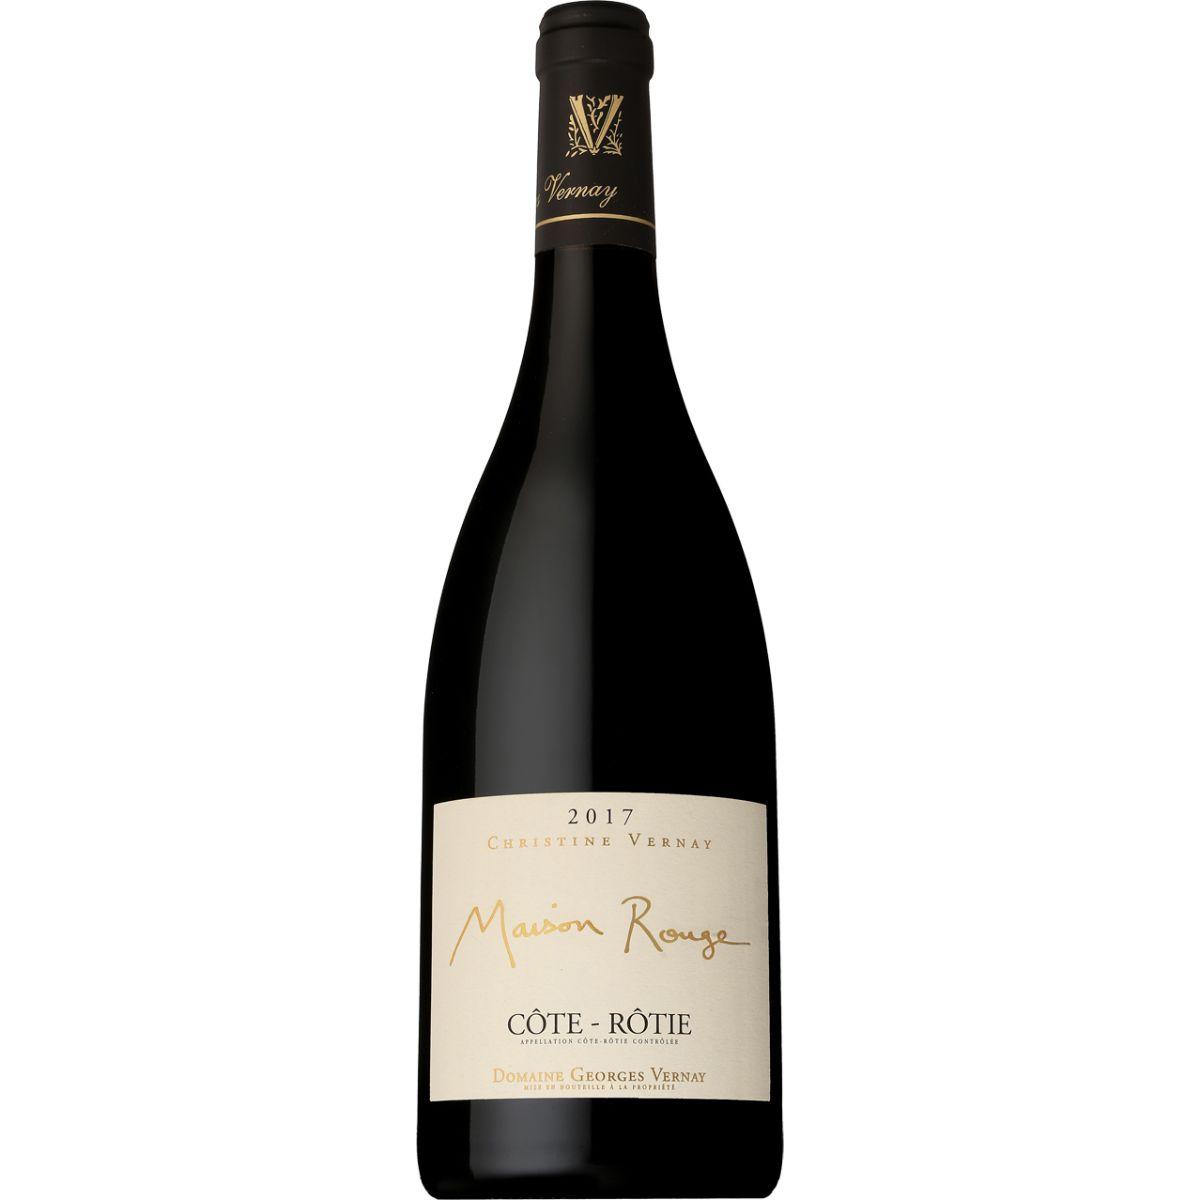 ■【お取寄せ】 ドメーヌ ジョルジュ ヴェルネ コート ロティ メゾン ルージュ[2017] [ ワイン 赤ワイン フランスワイン コートデュローヌワイン ]